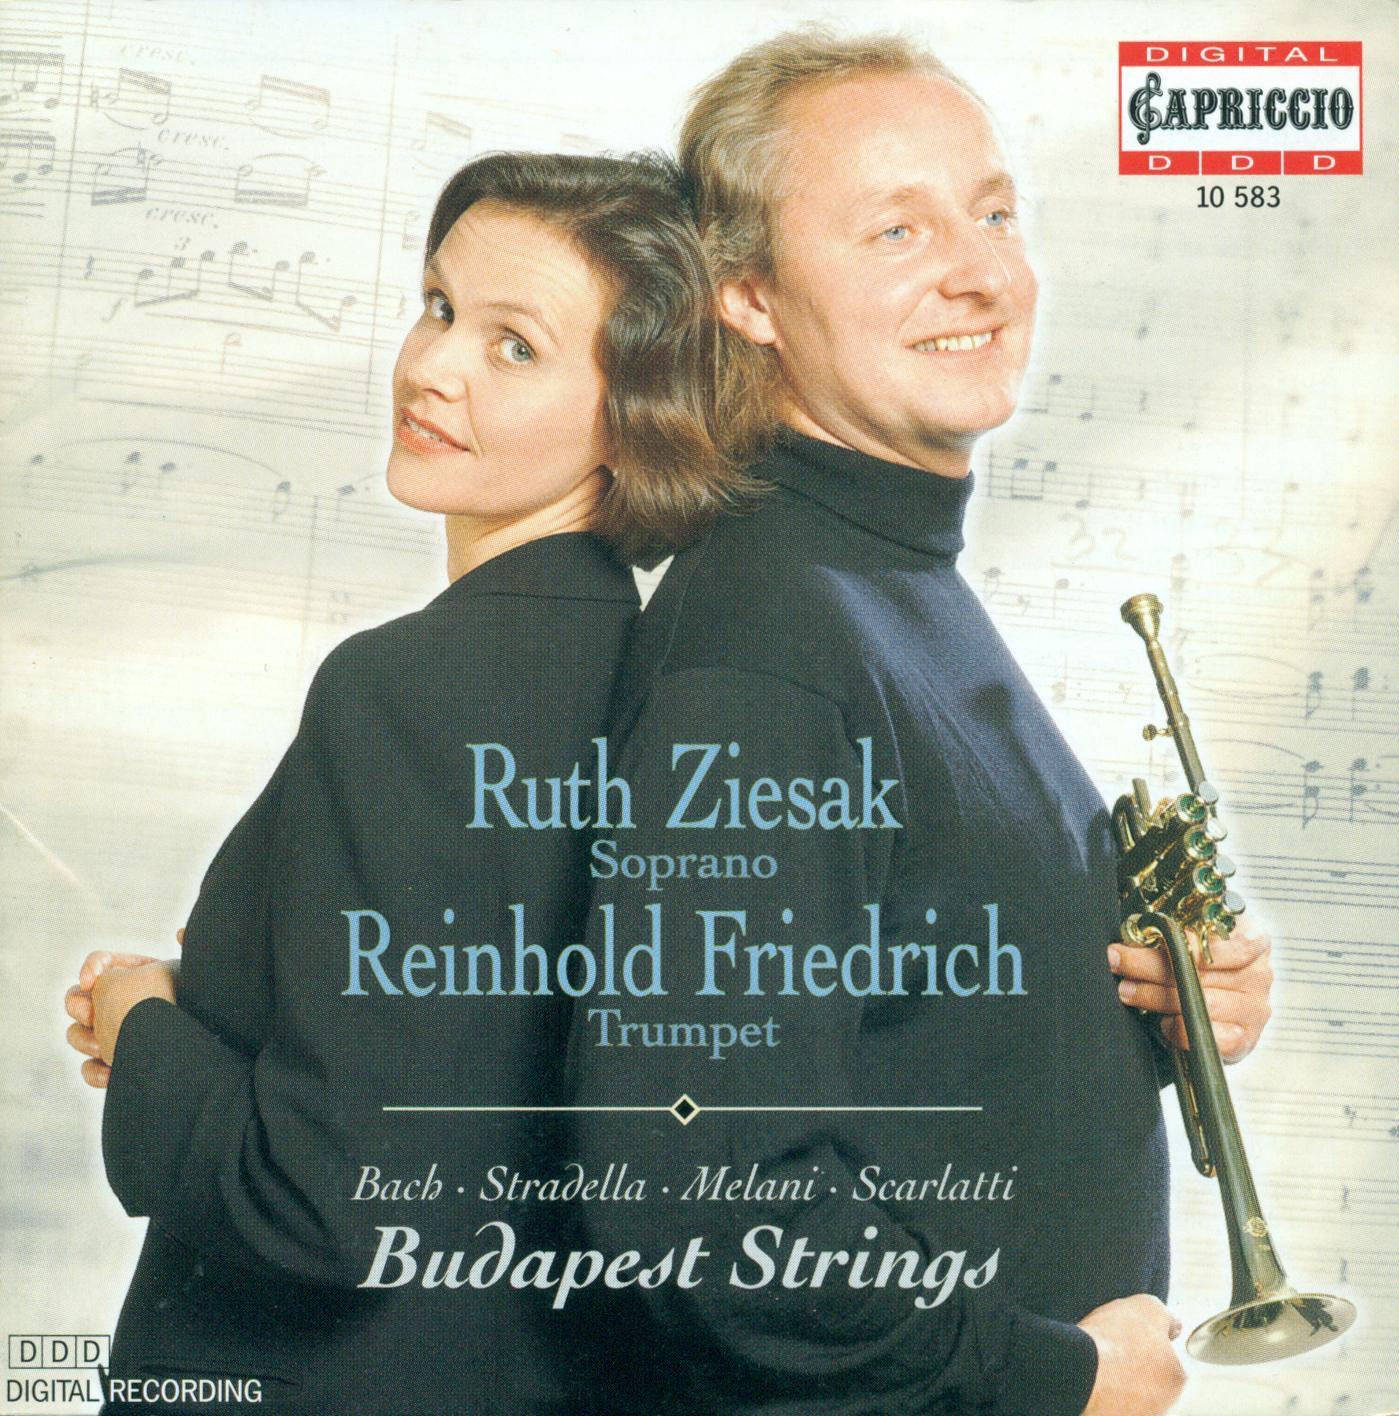 Bach, Stradella Melani & Scarlatti: Works for Voice and Trumpet